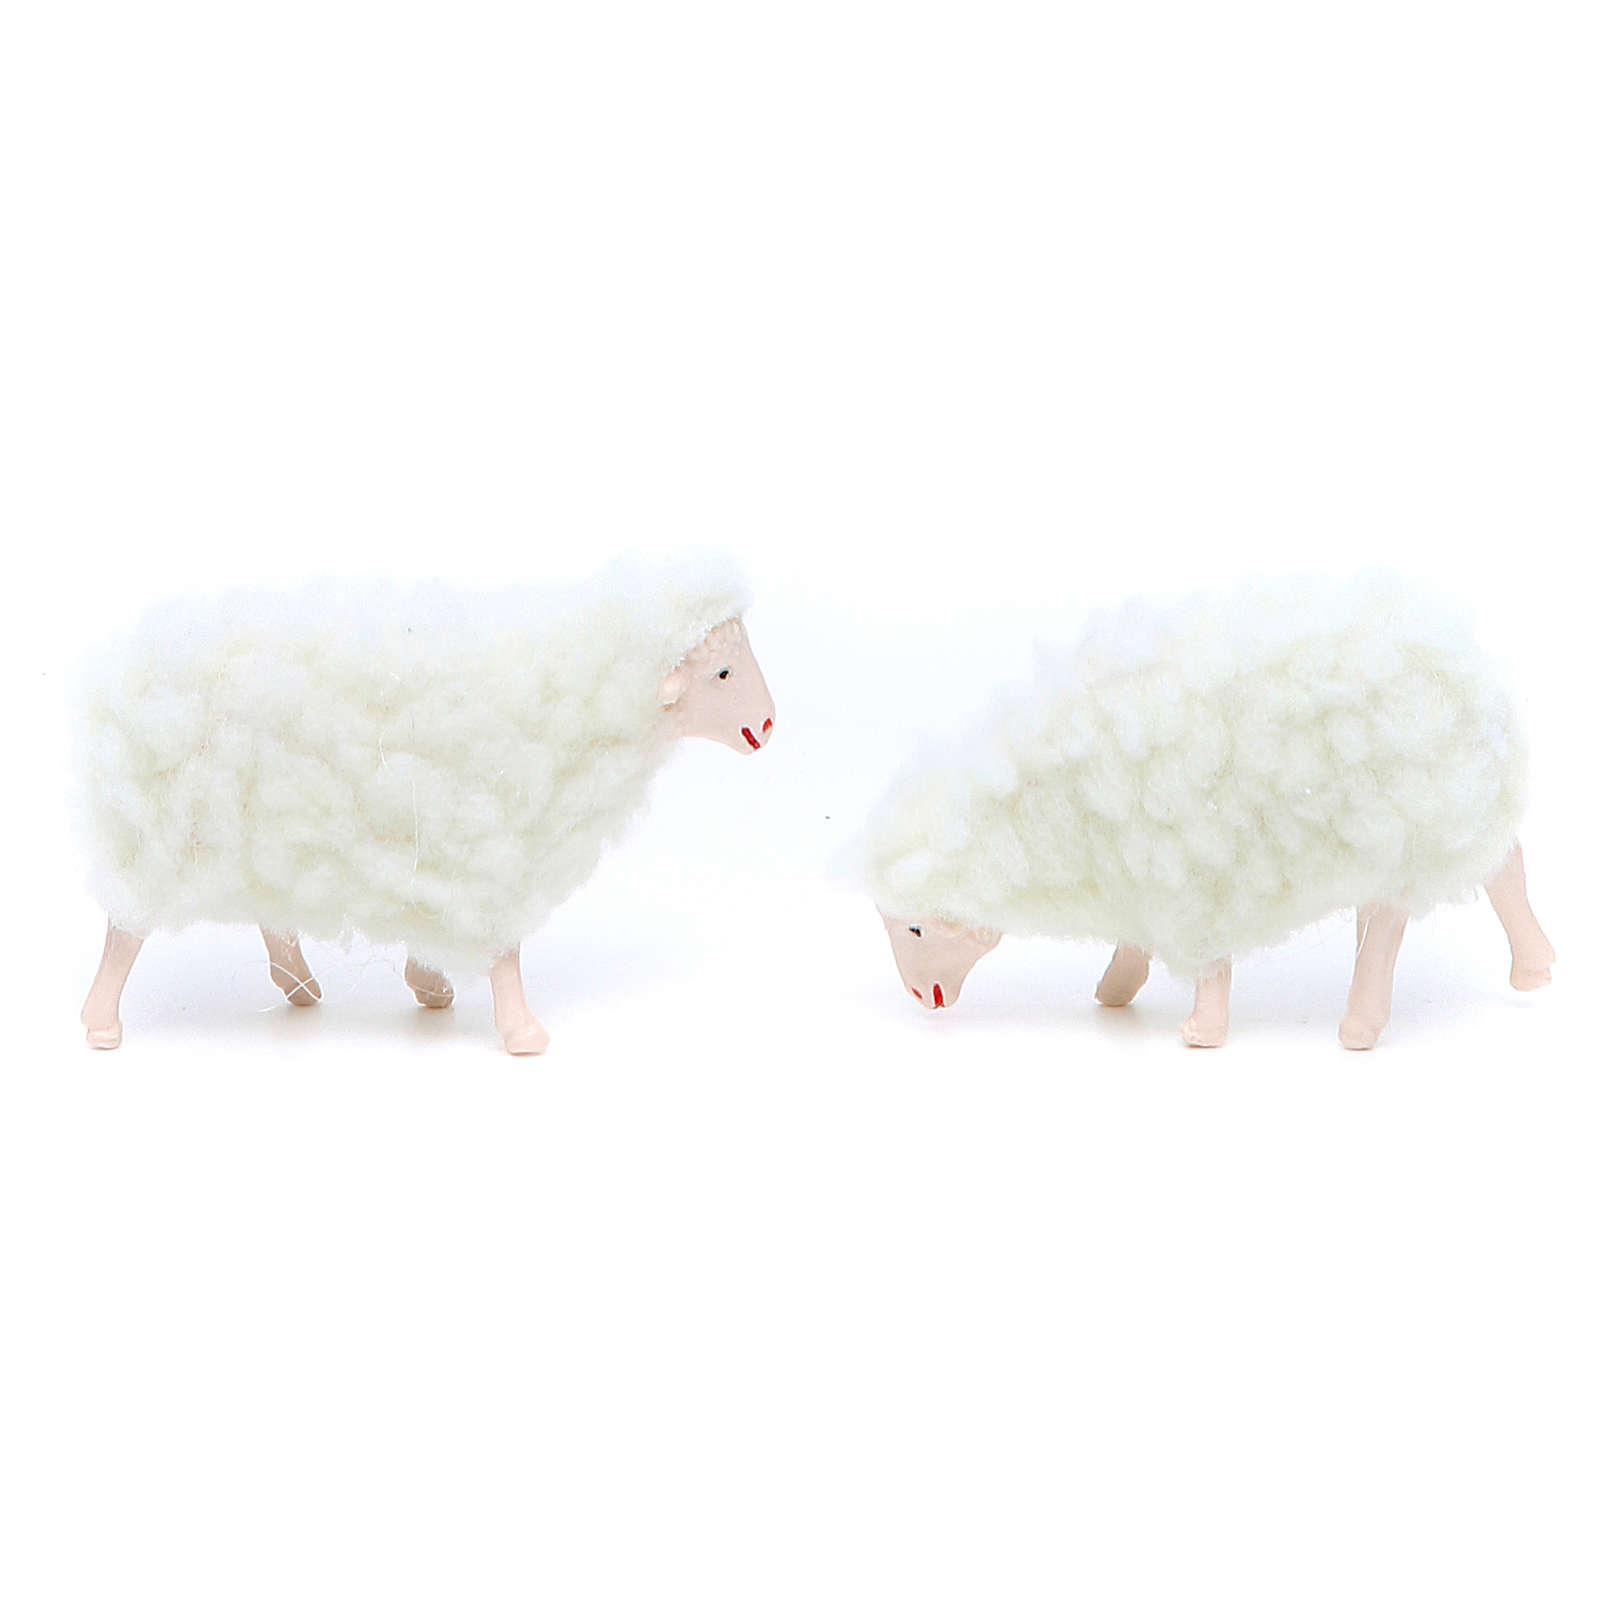 Oveja de pvc y lana blanca 4 piezas 10 cm de altura media 3